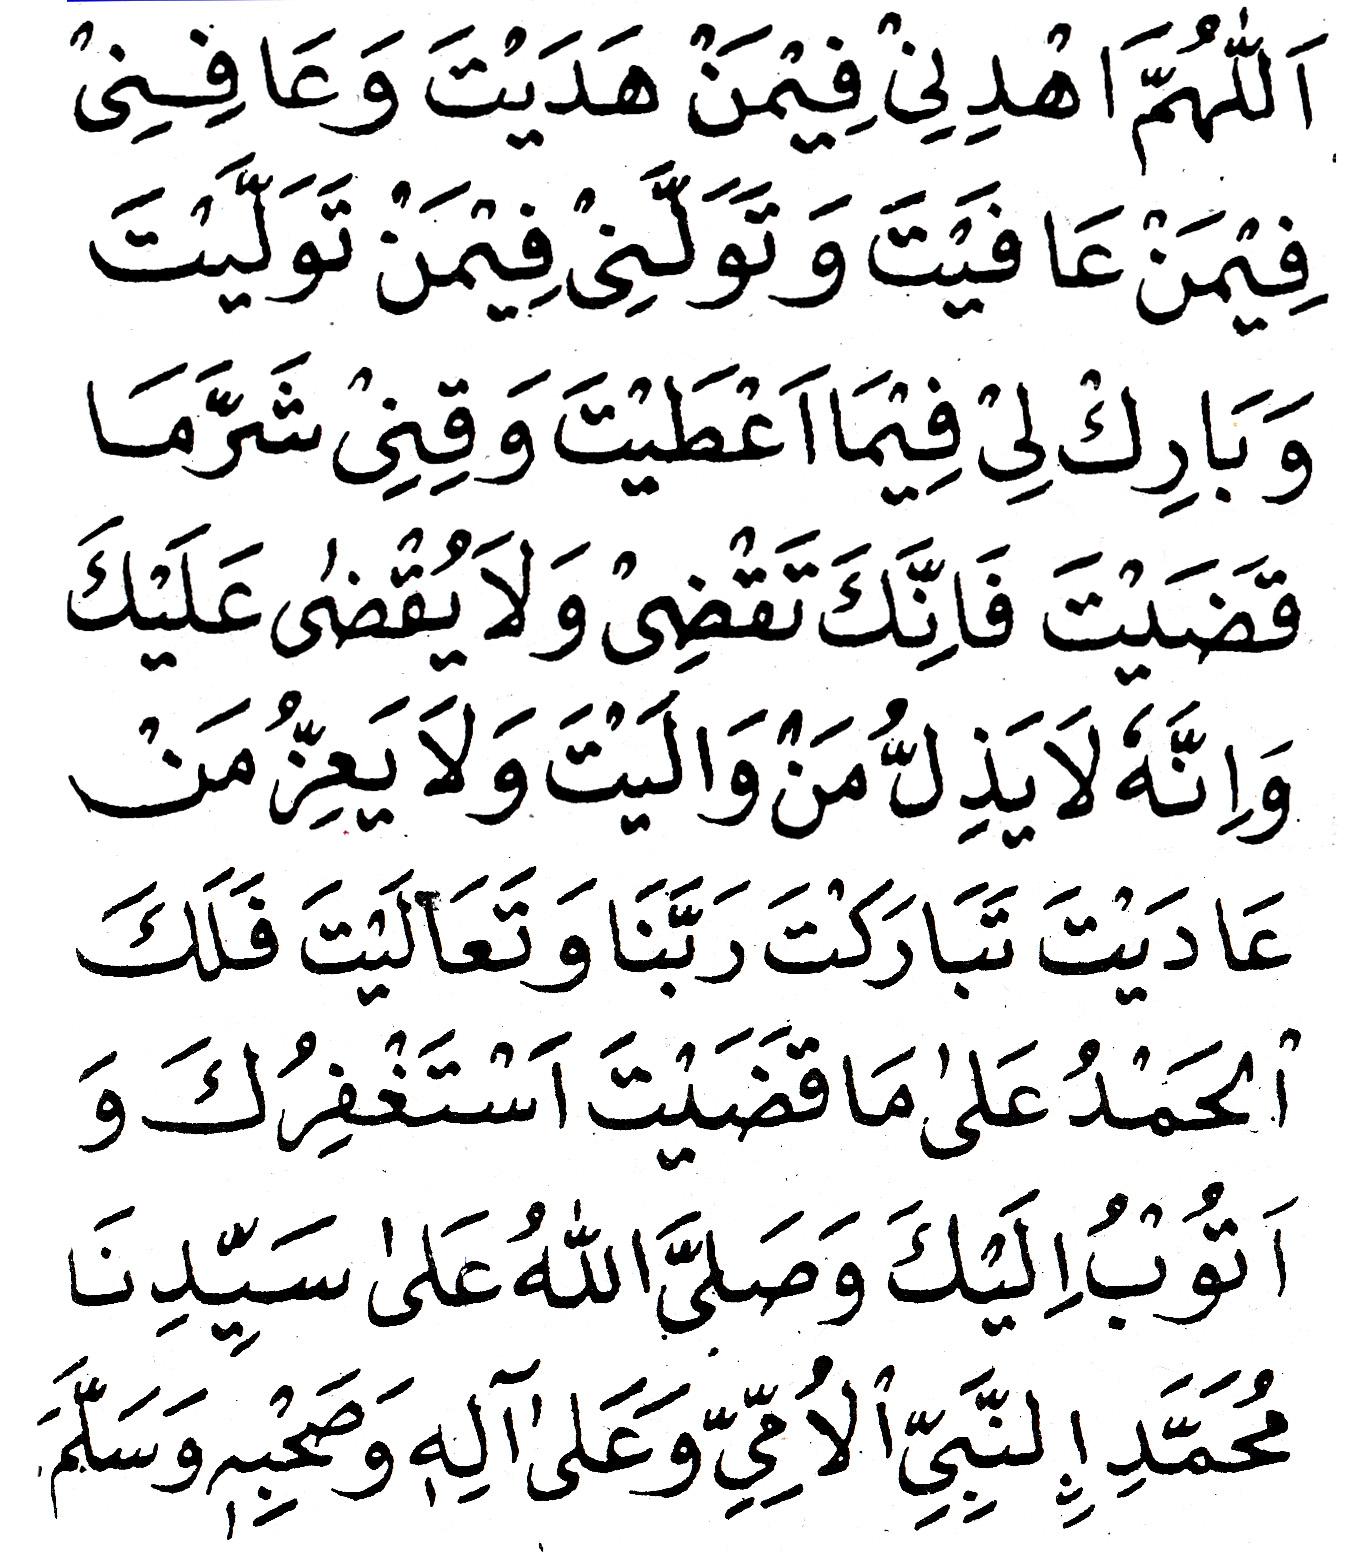 Pengertian Doa Qunut Bacaan Doa Qunut Dan Artinya Masgie